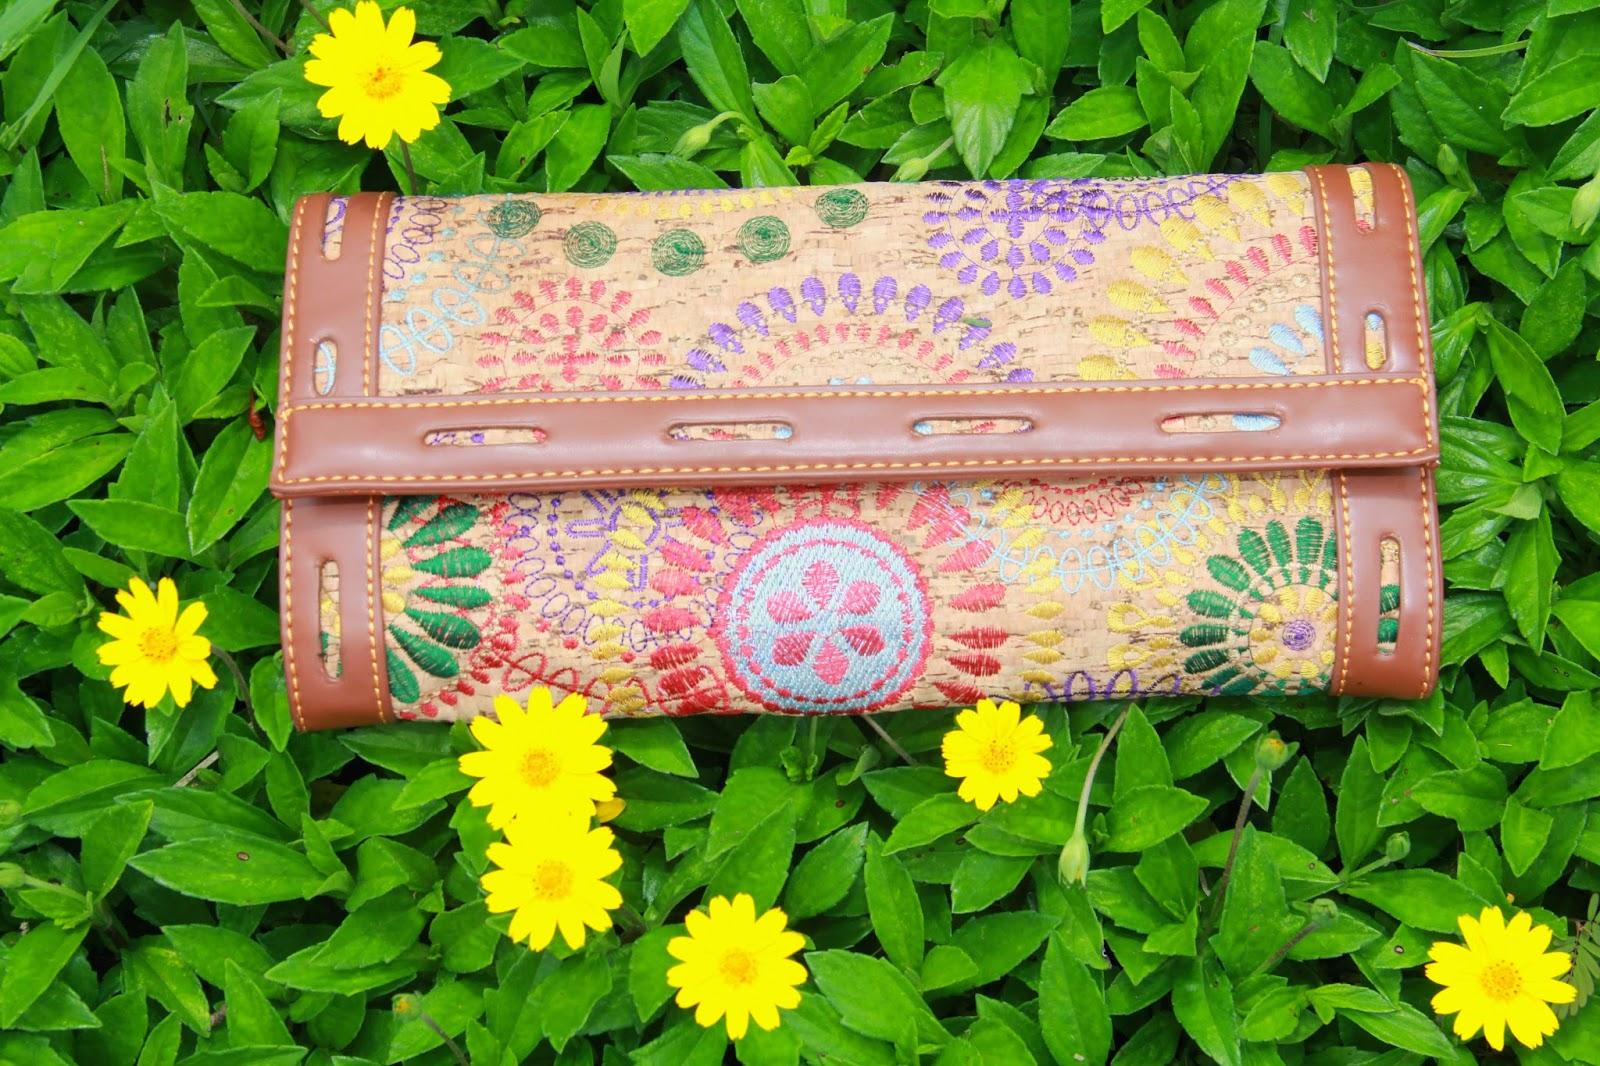 Embroidered Clutch @ www.elizabethmarieandme.com